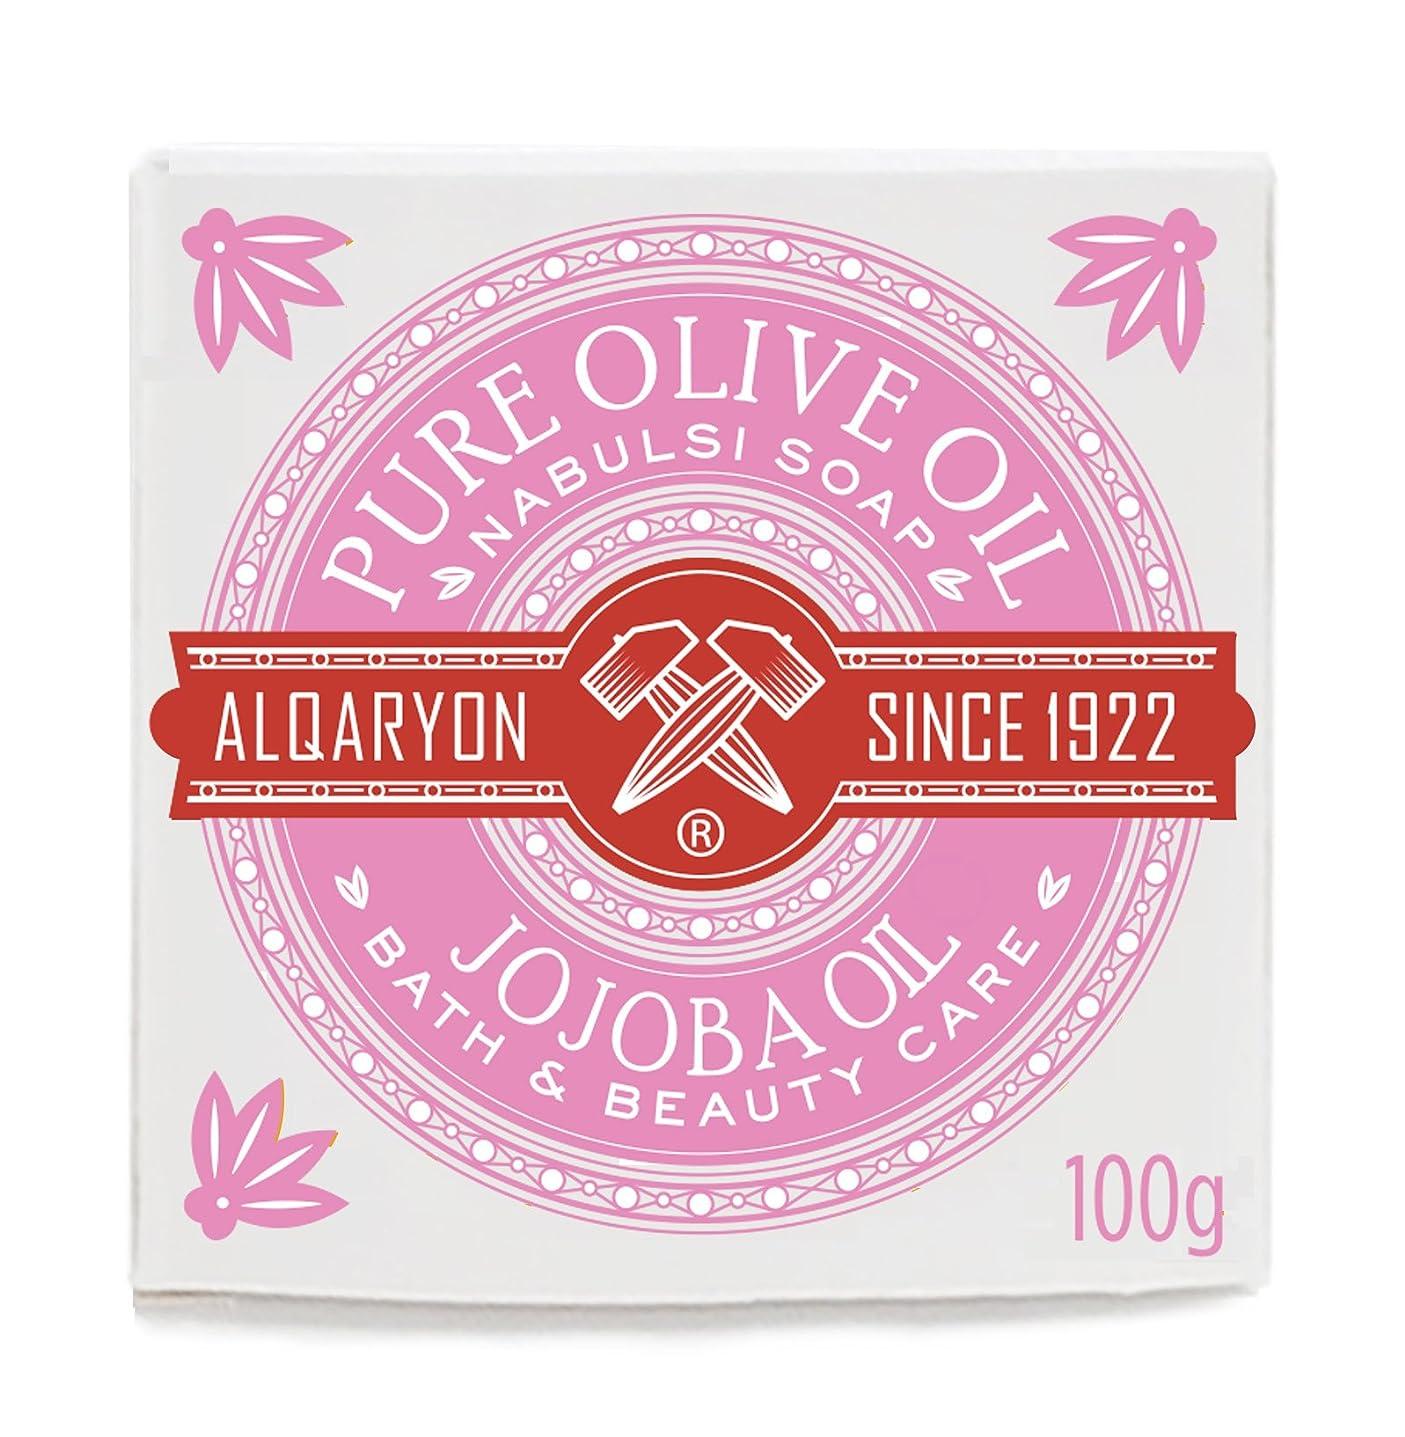 液化する最近構造的Alqaryon Jojoba Oil & Olive Oil Bar Soaps, Pack of 4 Bars 100g - Alqaryonのホホバ オイルとオリーブオイル ソープ、バス & ビューティー ケア、100gの石鹸4個のパック